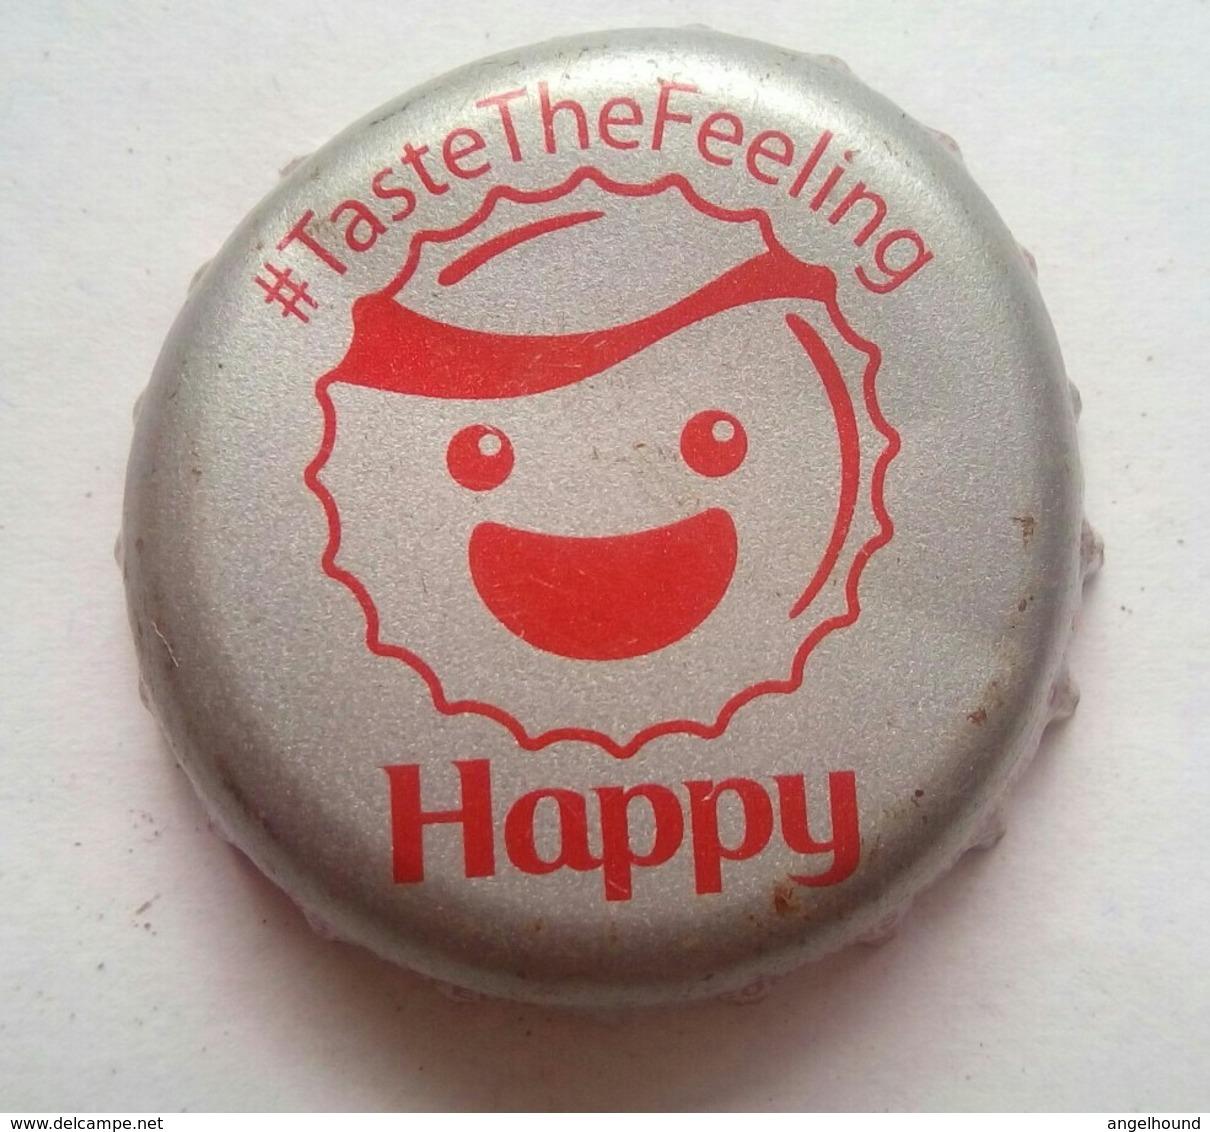 Coca Cola Happy - Soda